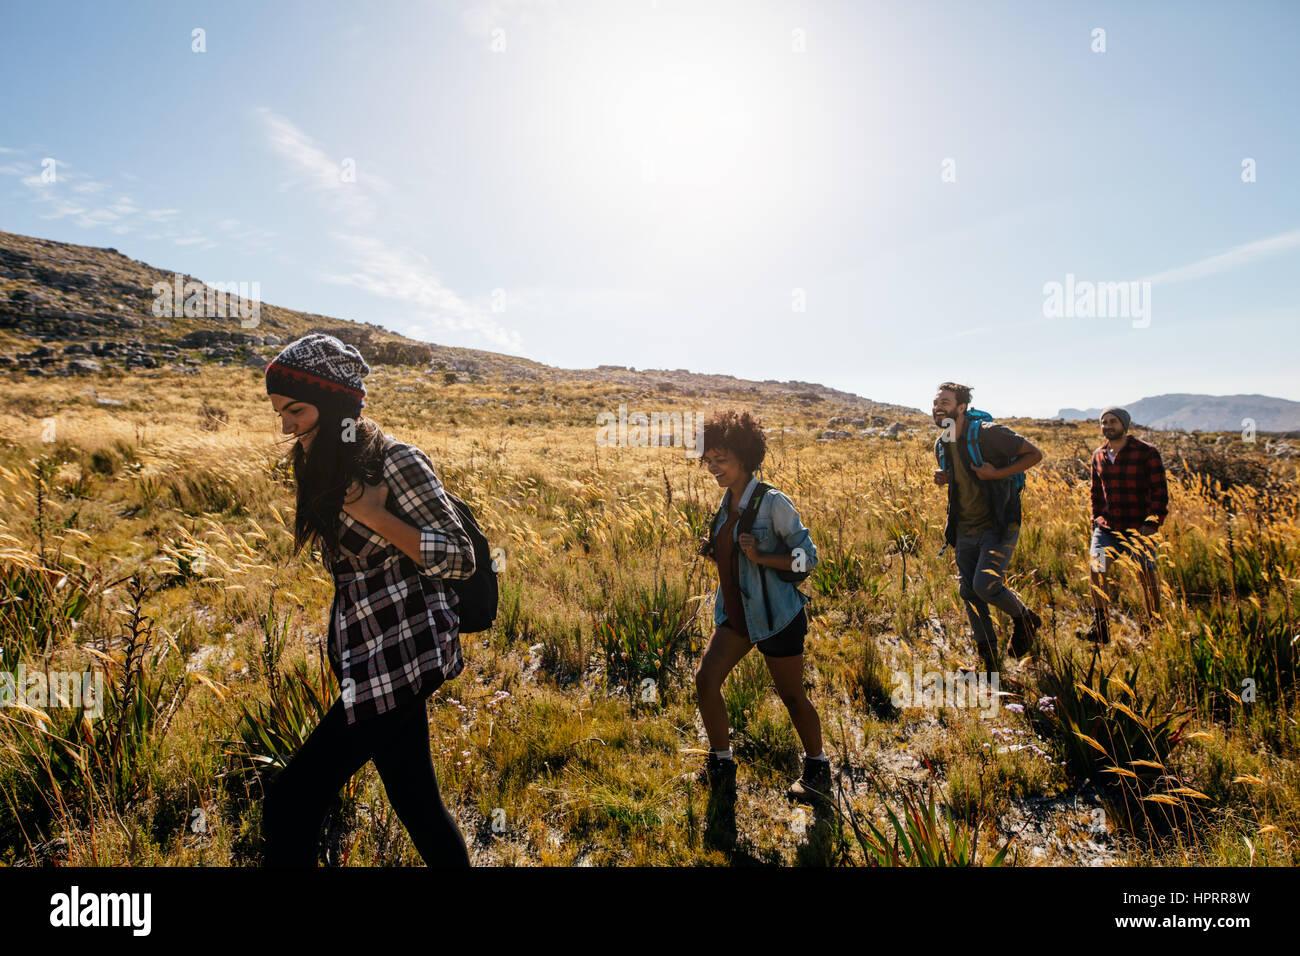 Grupo de jóvenes en el país camine. Los jóvenes, hombres y mujeres, el senderismo en un día Imagen De Stock